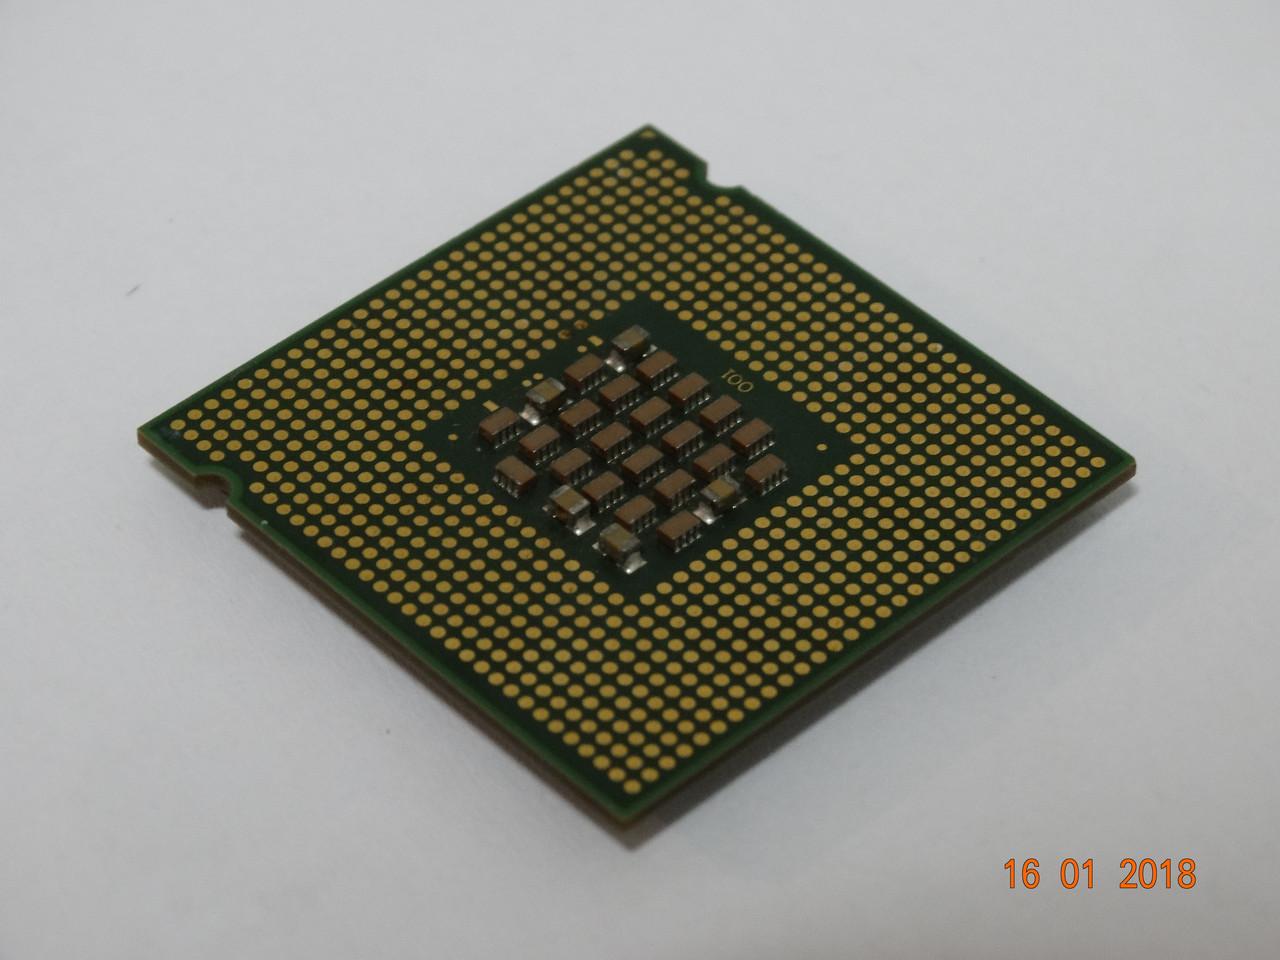 Процессор Intel® Celeron® D 336 тактовая частота 2,80 ГГц, 256 КБ кэш-памяти, частота системной шины 533 МГц